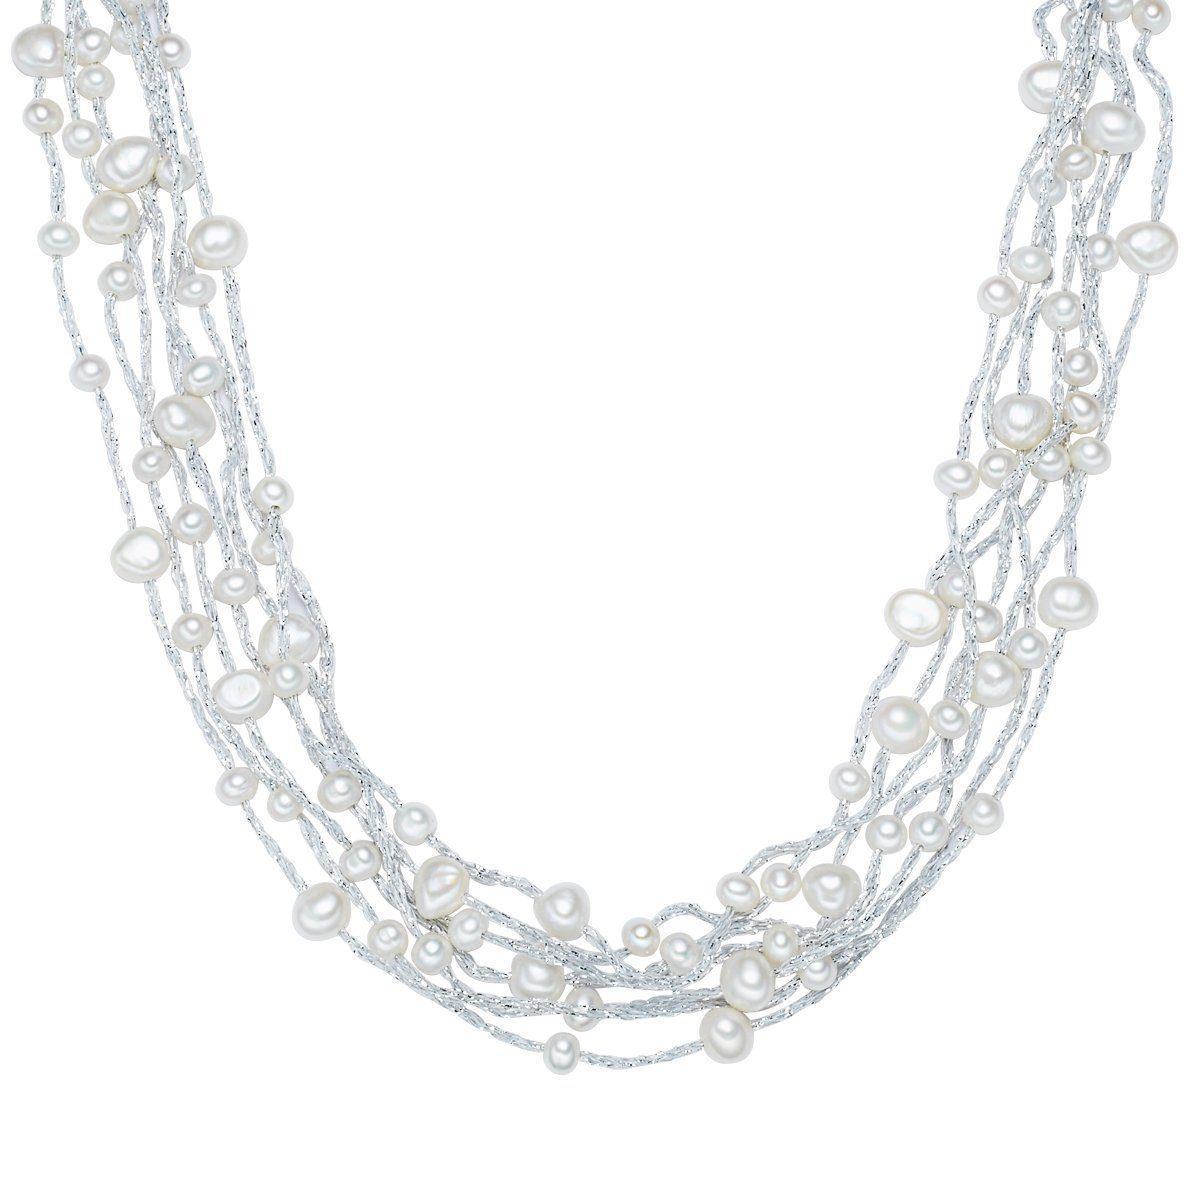 Valero Pearls Perlenkette A1079 | Schmuck > Halsketten > Perlenketten | Valero Pearls